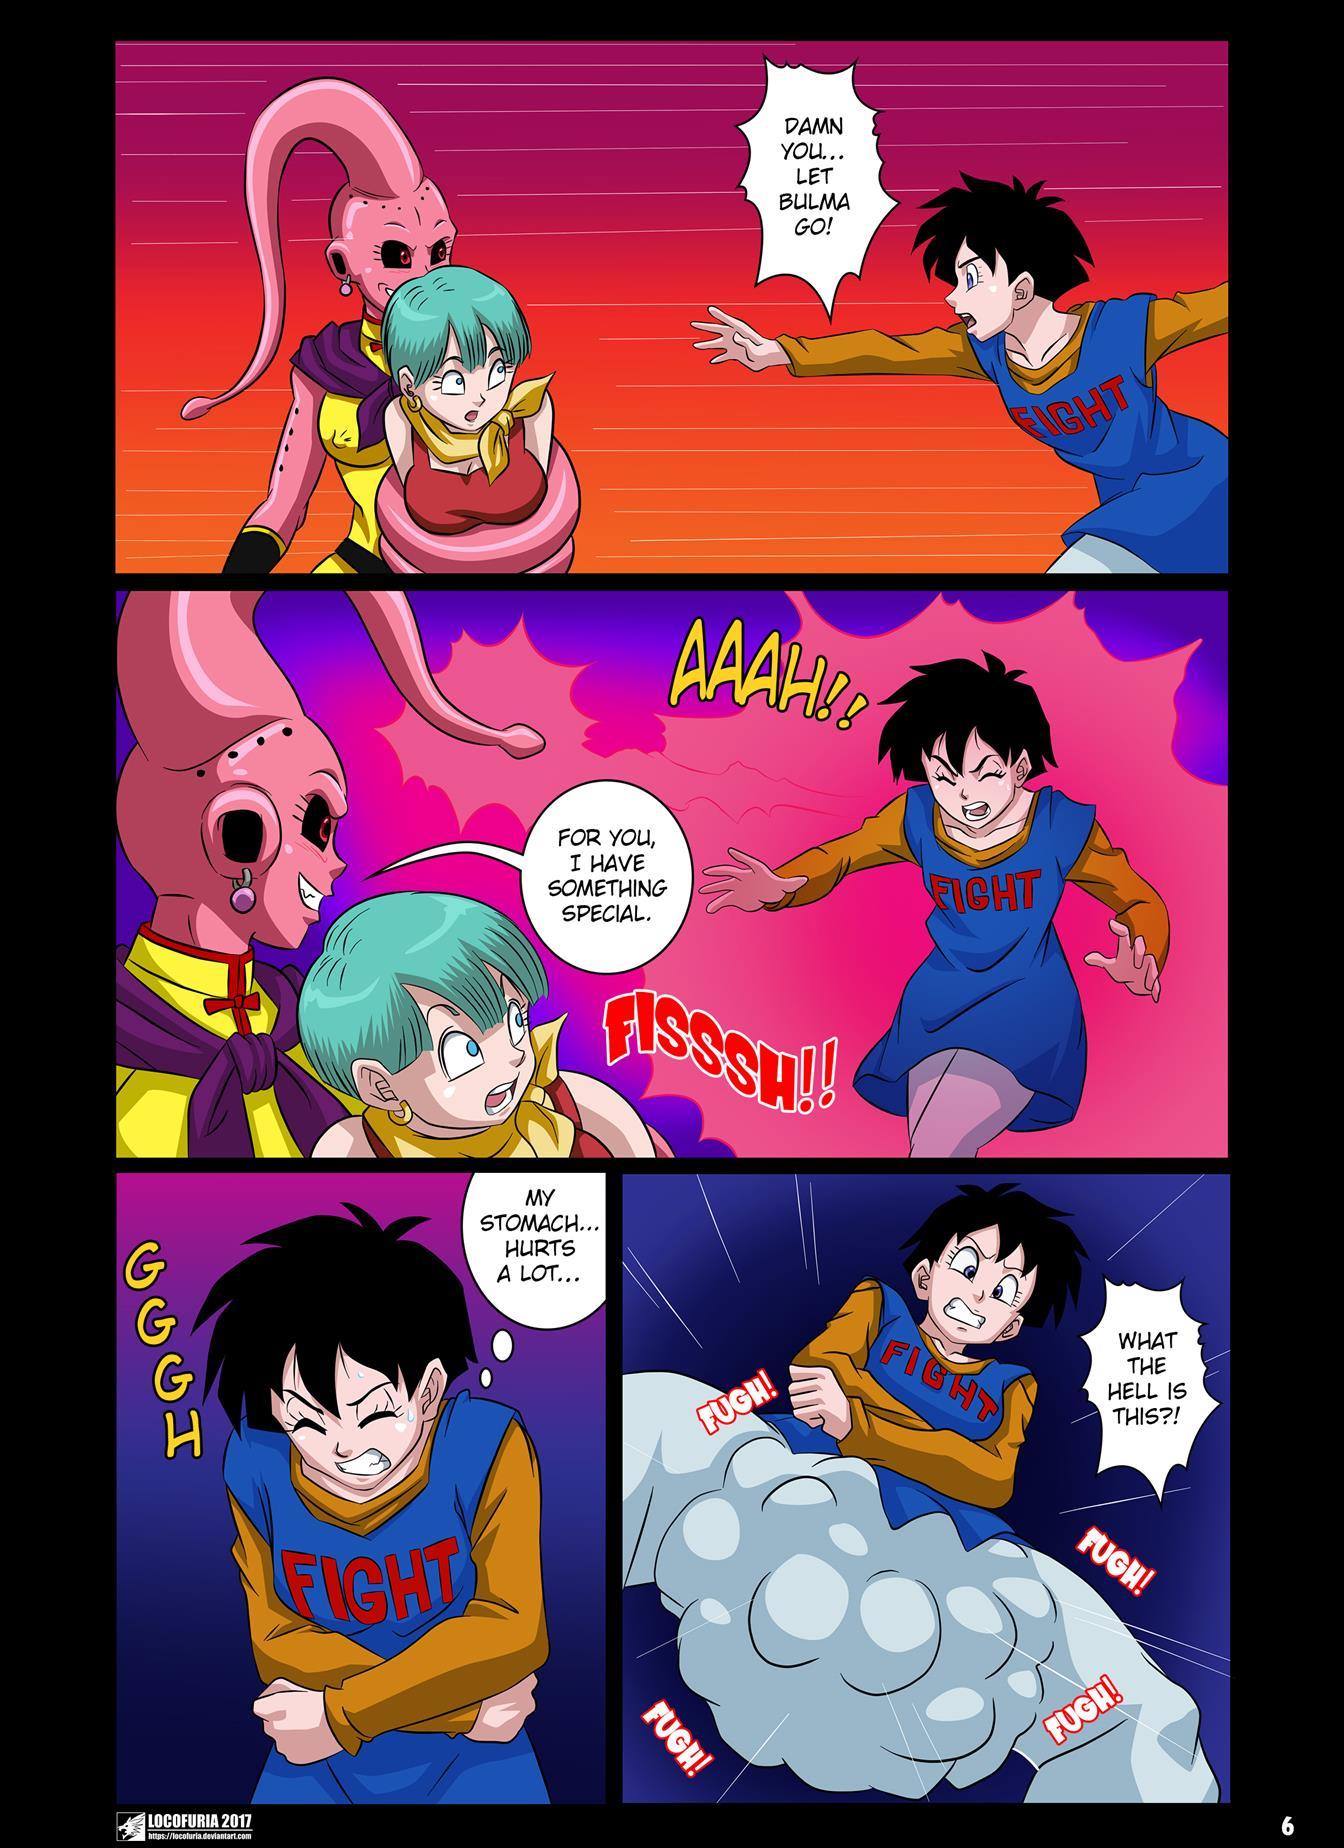 Buu's Bodies 2 (Dragon Ball Z)